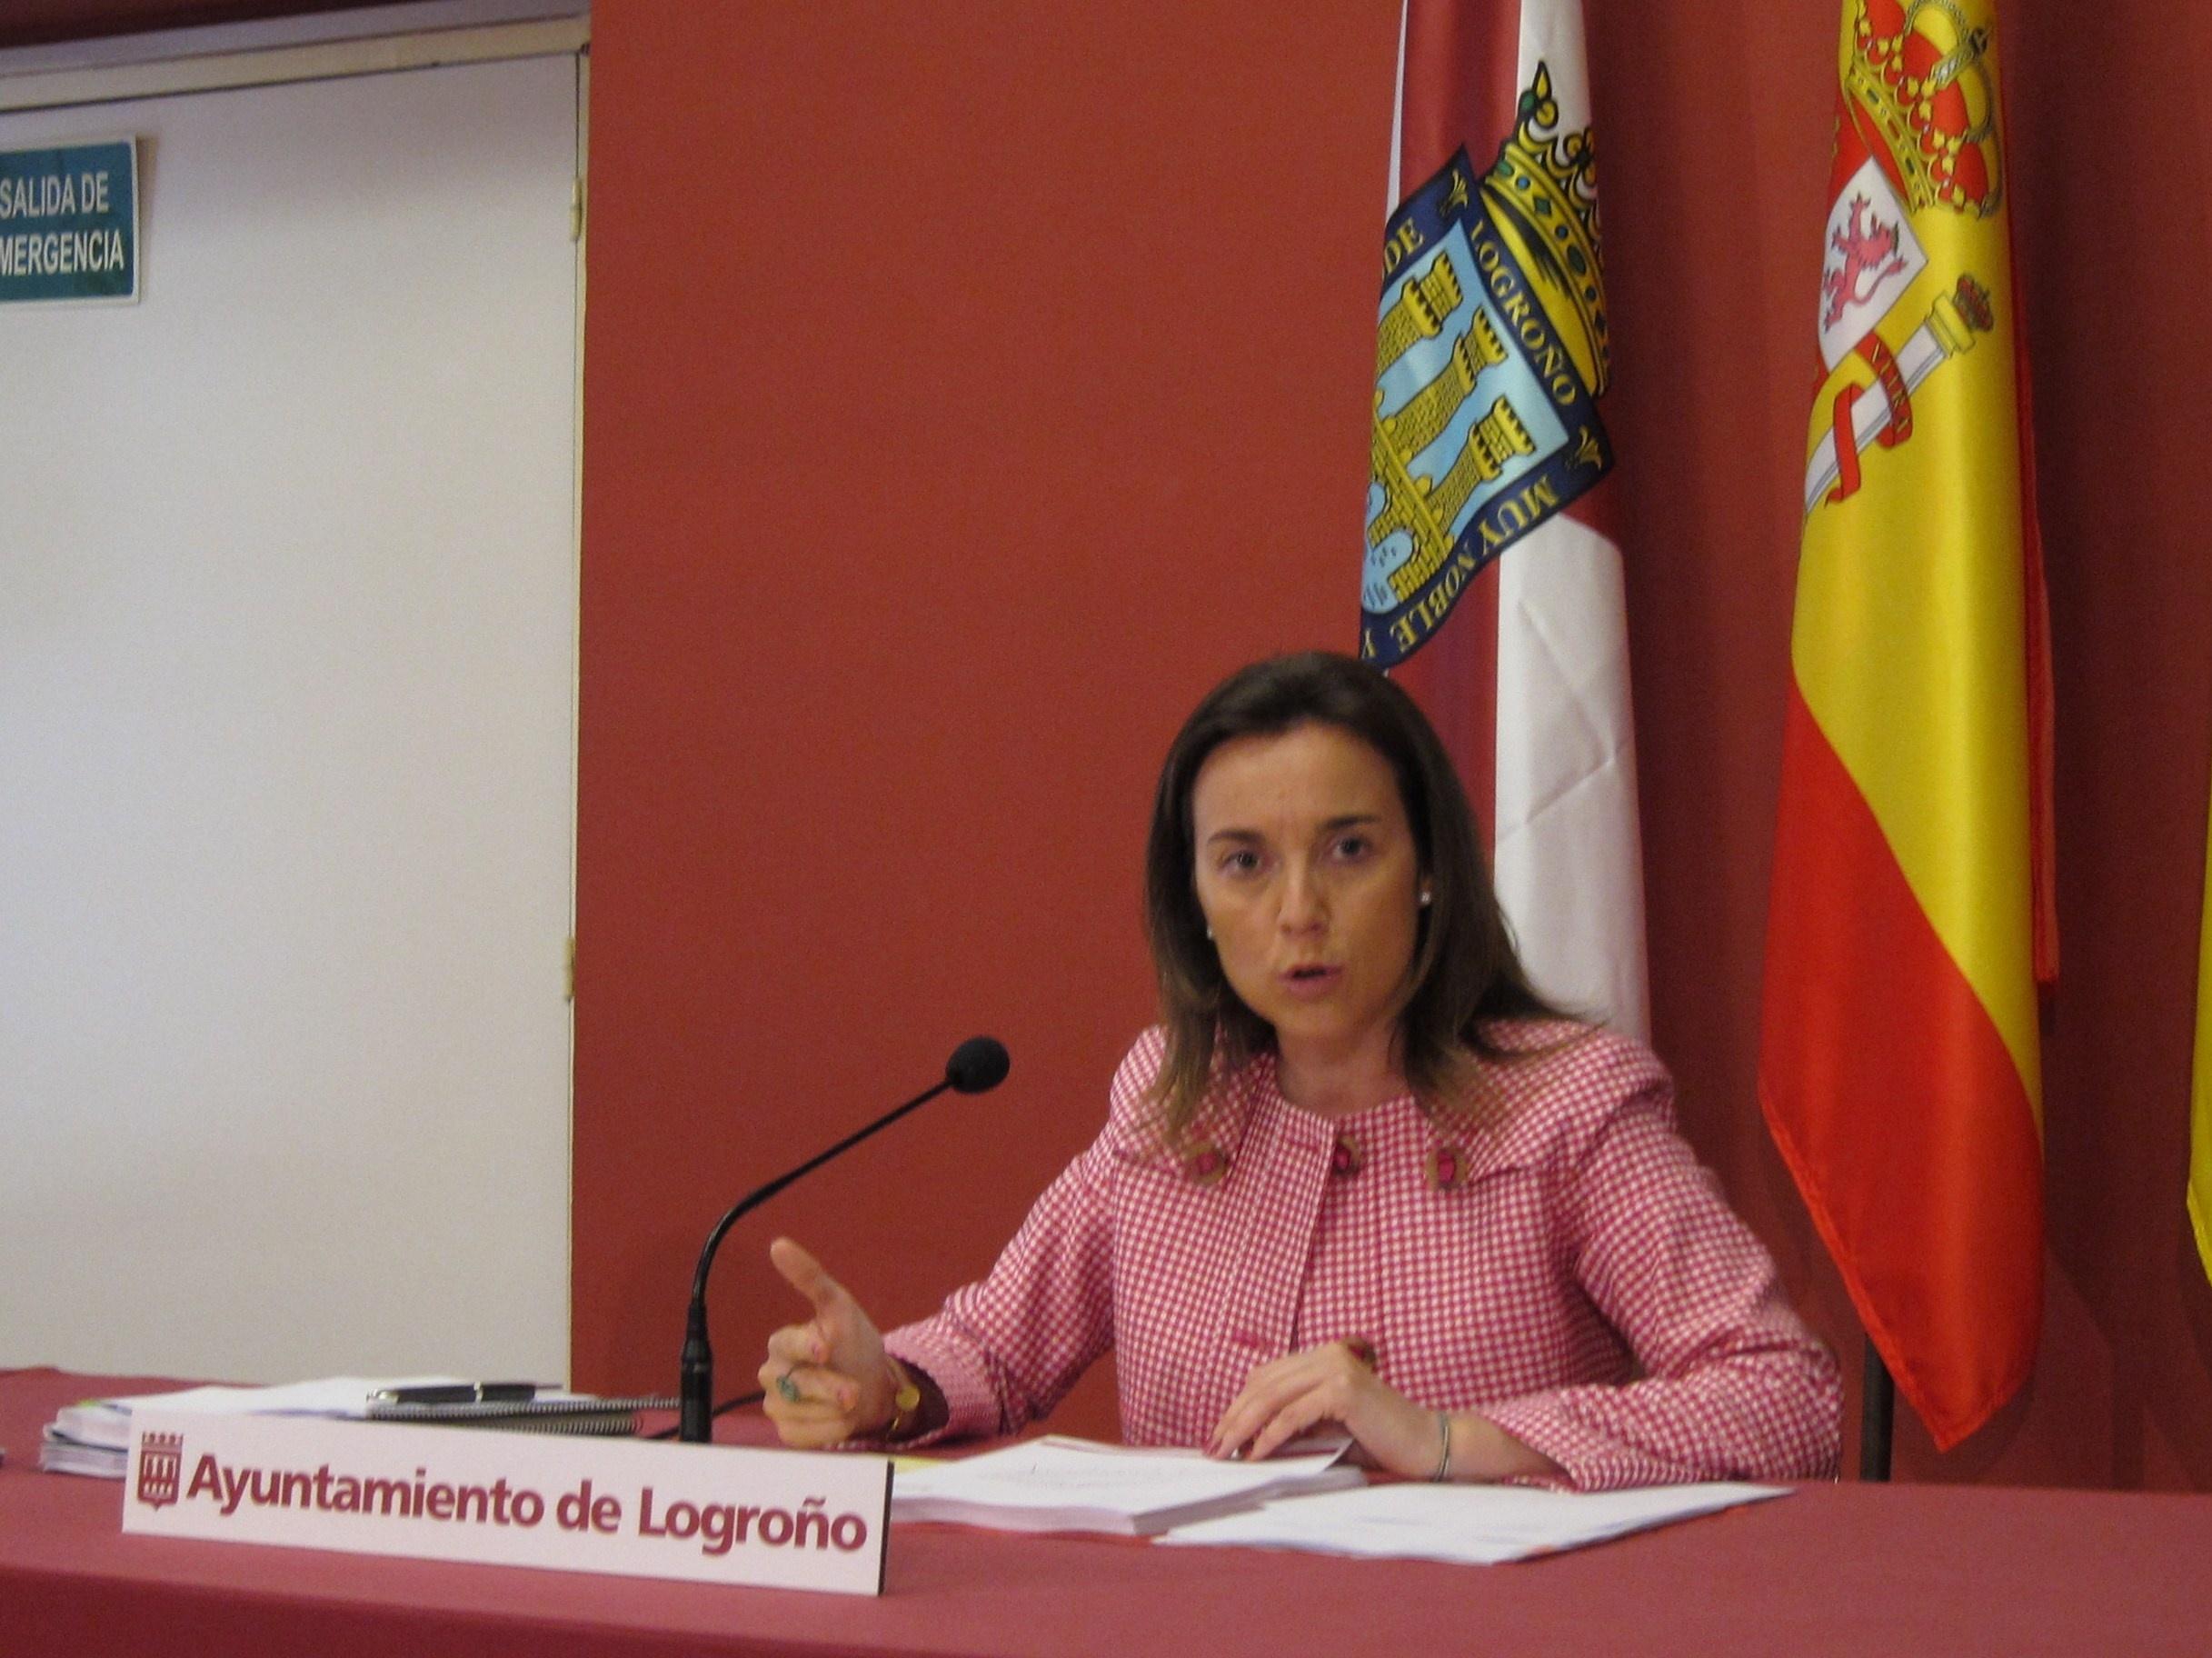 Gamarra recalca que Logroño es una ciudad «solvente, saneada, con futuro, cohesionada y con calidad de vida»